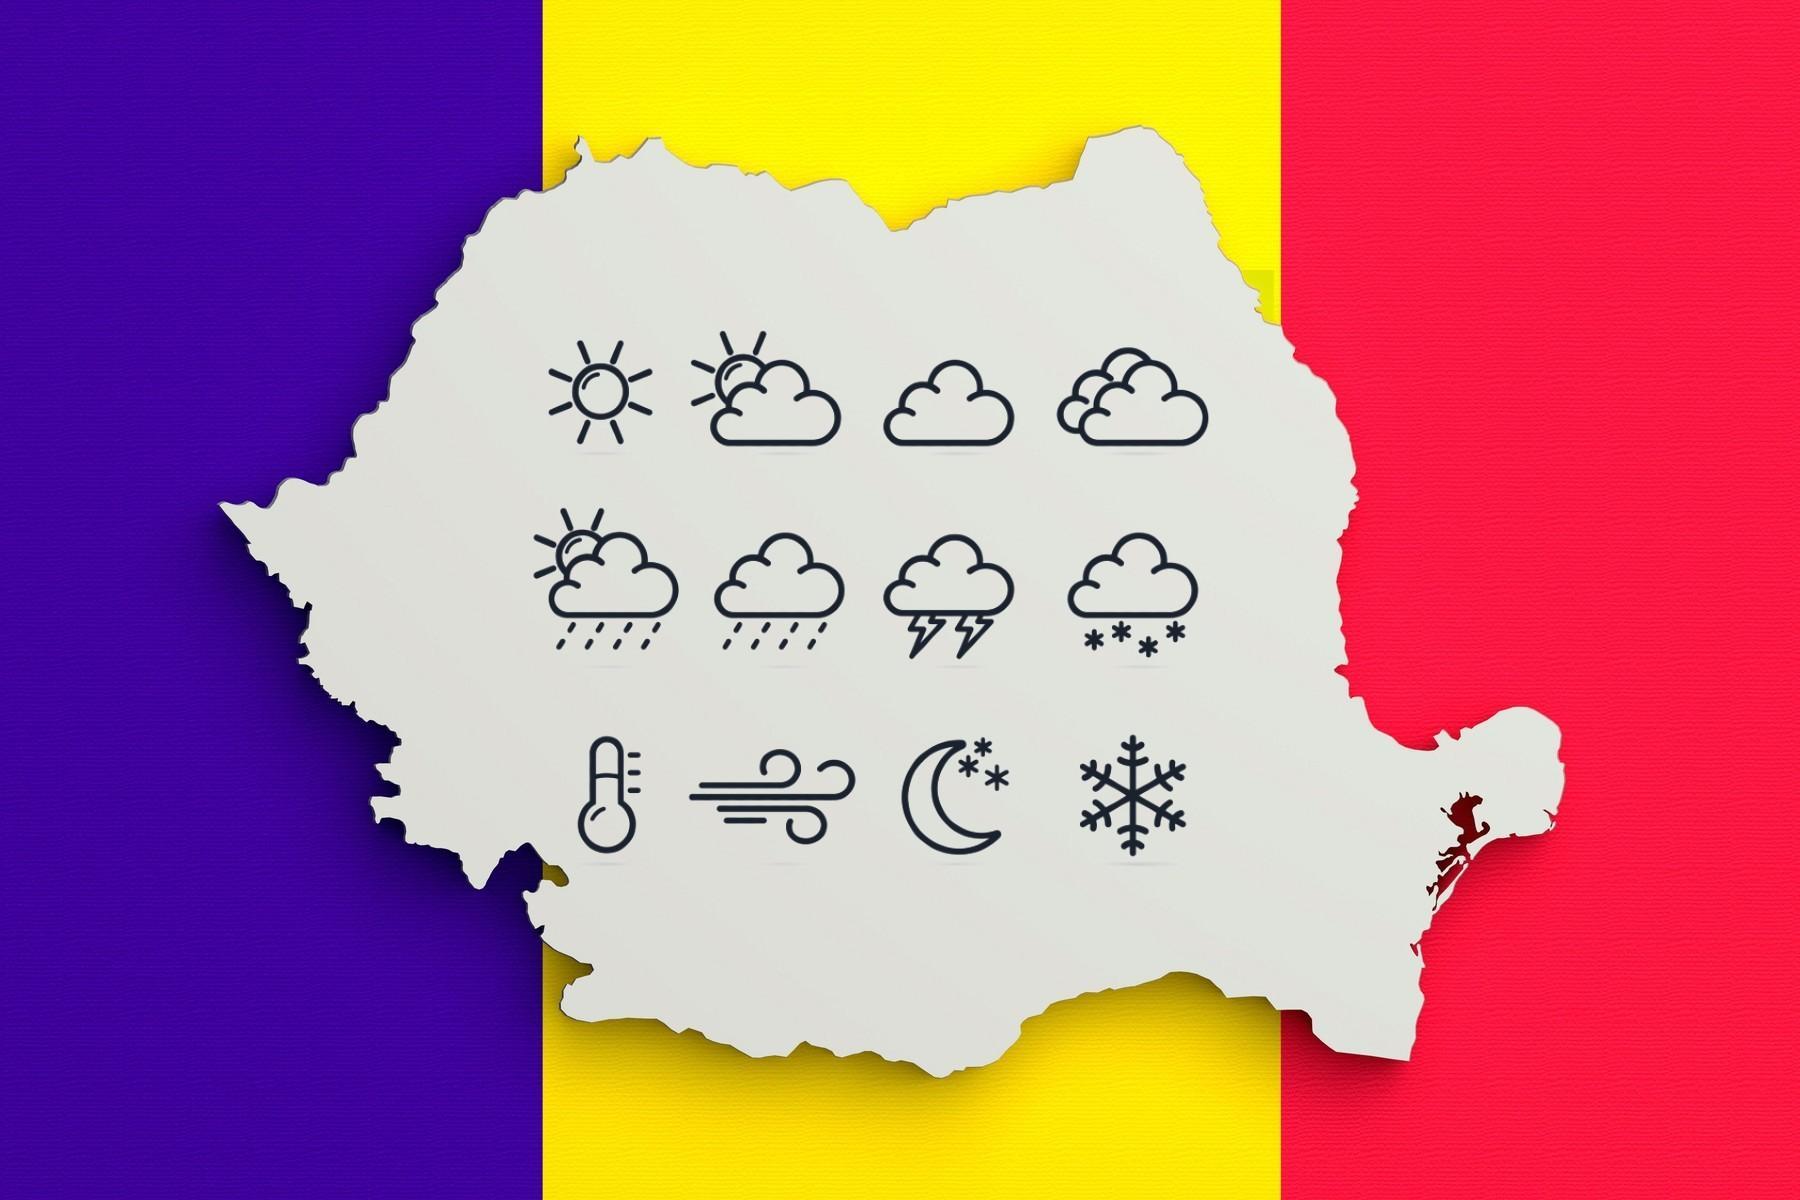 Prognoza meteo 26 noiembrie 2020. Cum e vremea în România și care sunt previziunile ANM pentru astăzi